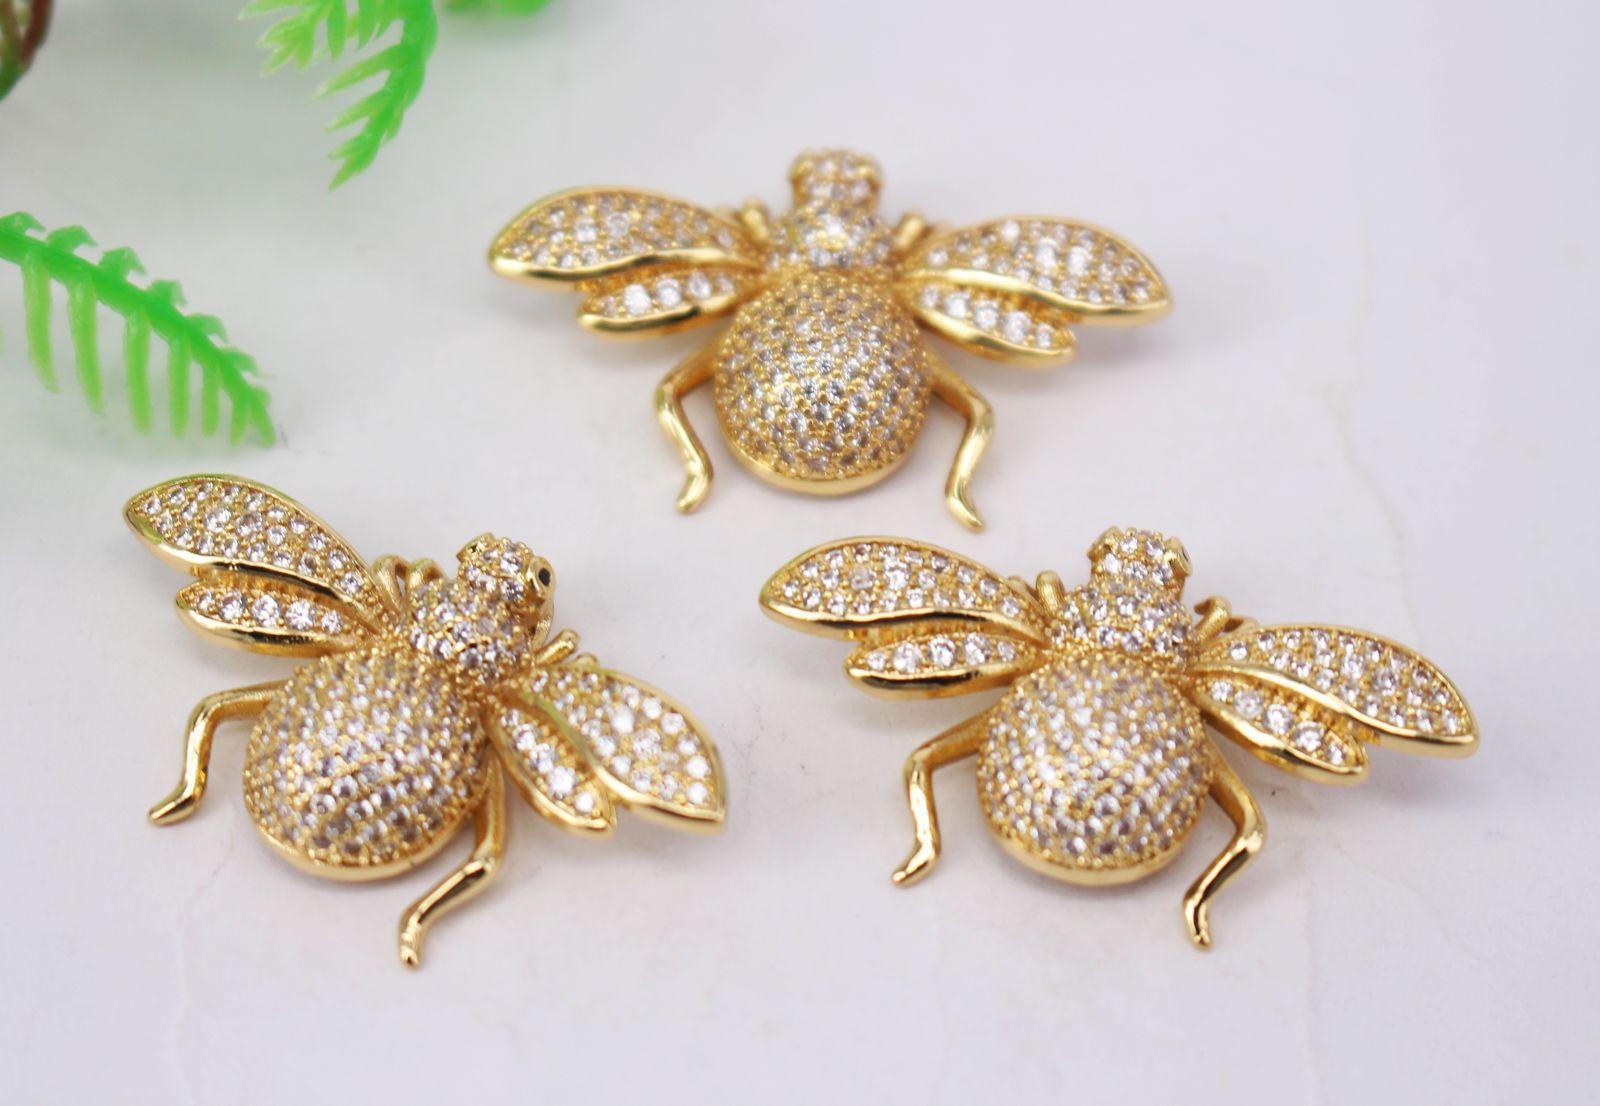 CALIENTE 5 x 21x35mm chapado en oro / perlas de circón conector colgante / pulsera / collar de joyas, forma de la abeja de metal del cobre blanca CZ